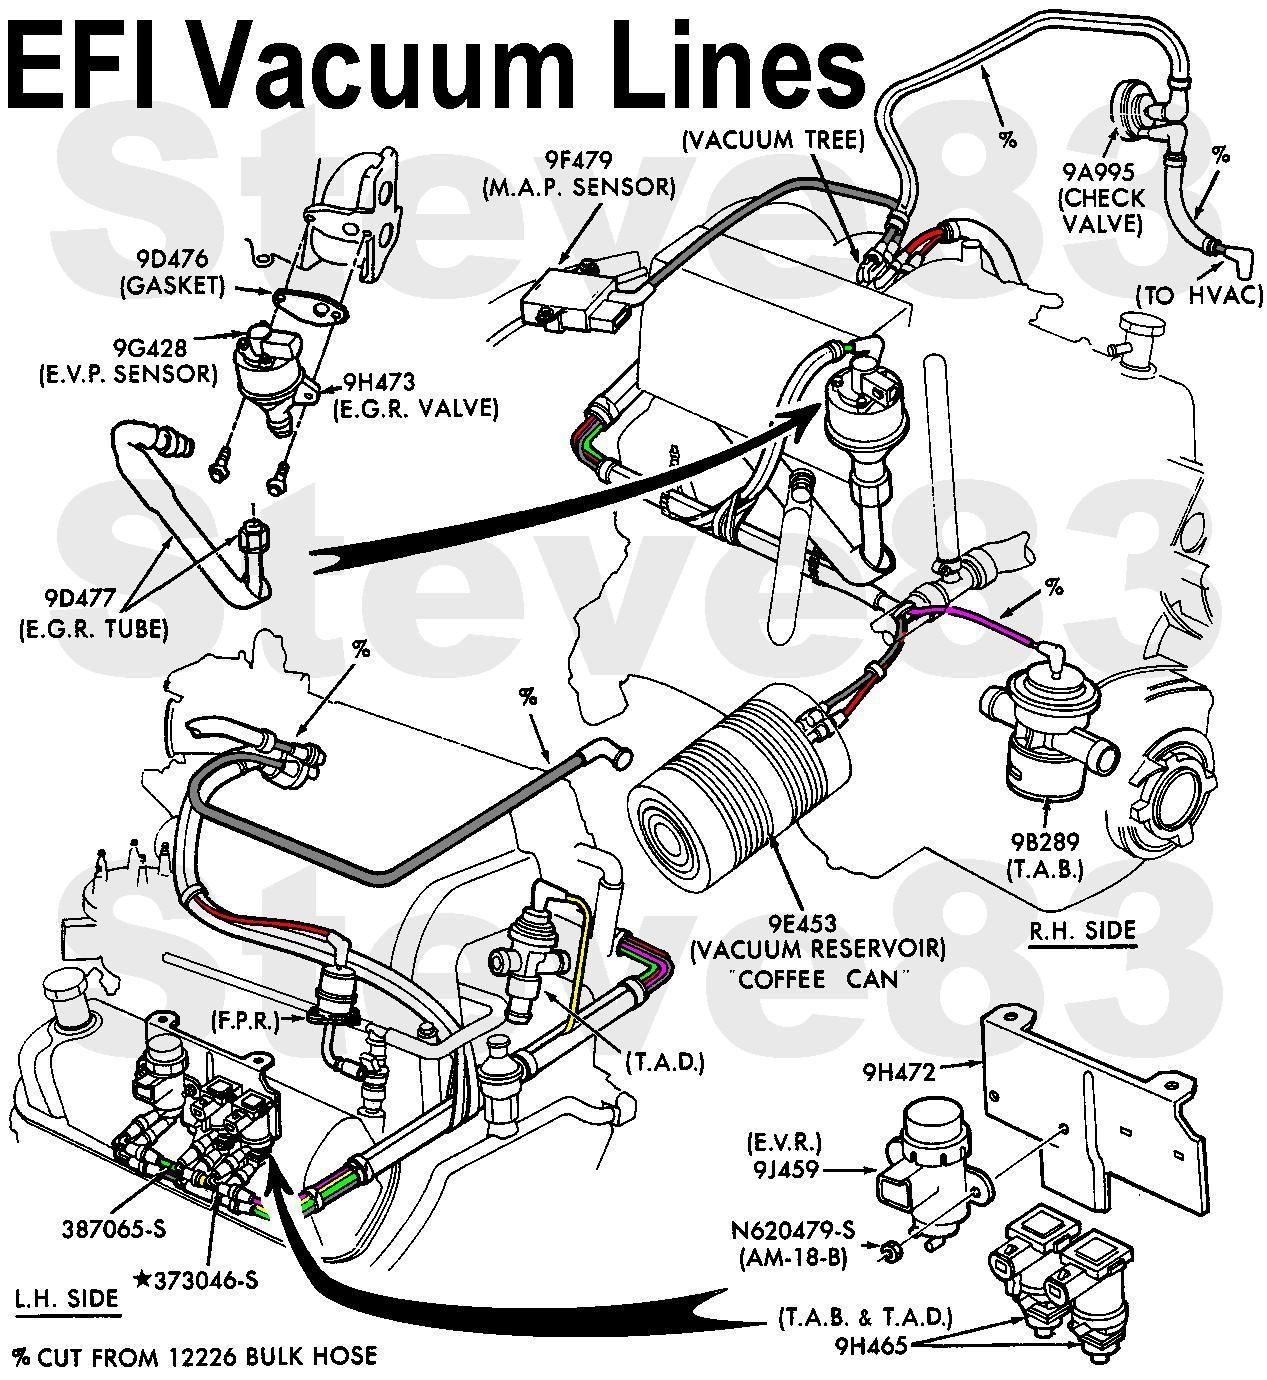 bb4aa1262a4f5c4c4c1a0d80a4bcf313?resize\\\\\\\=665%2C724\\\\\\\&ssl\\\\\\\=1 1983 f 150 light wiring diagram 1983 wiring diagrams 2001 F150 Wiring Diagram at n-0.co